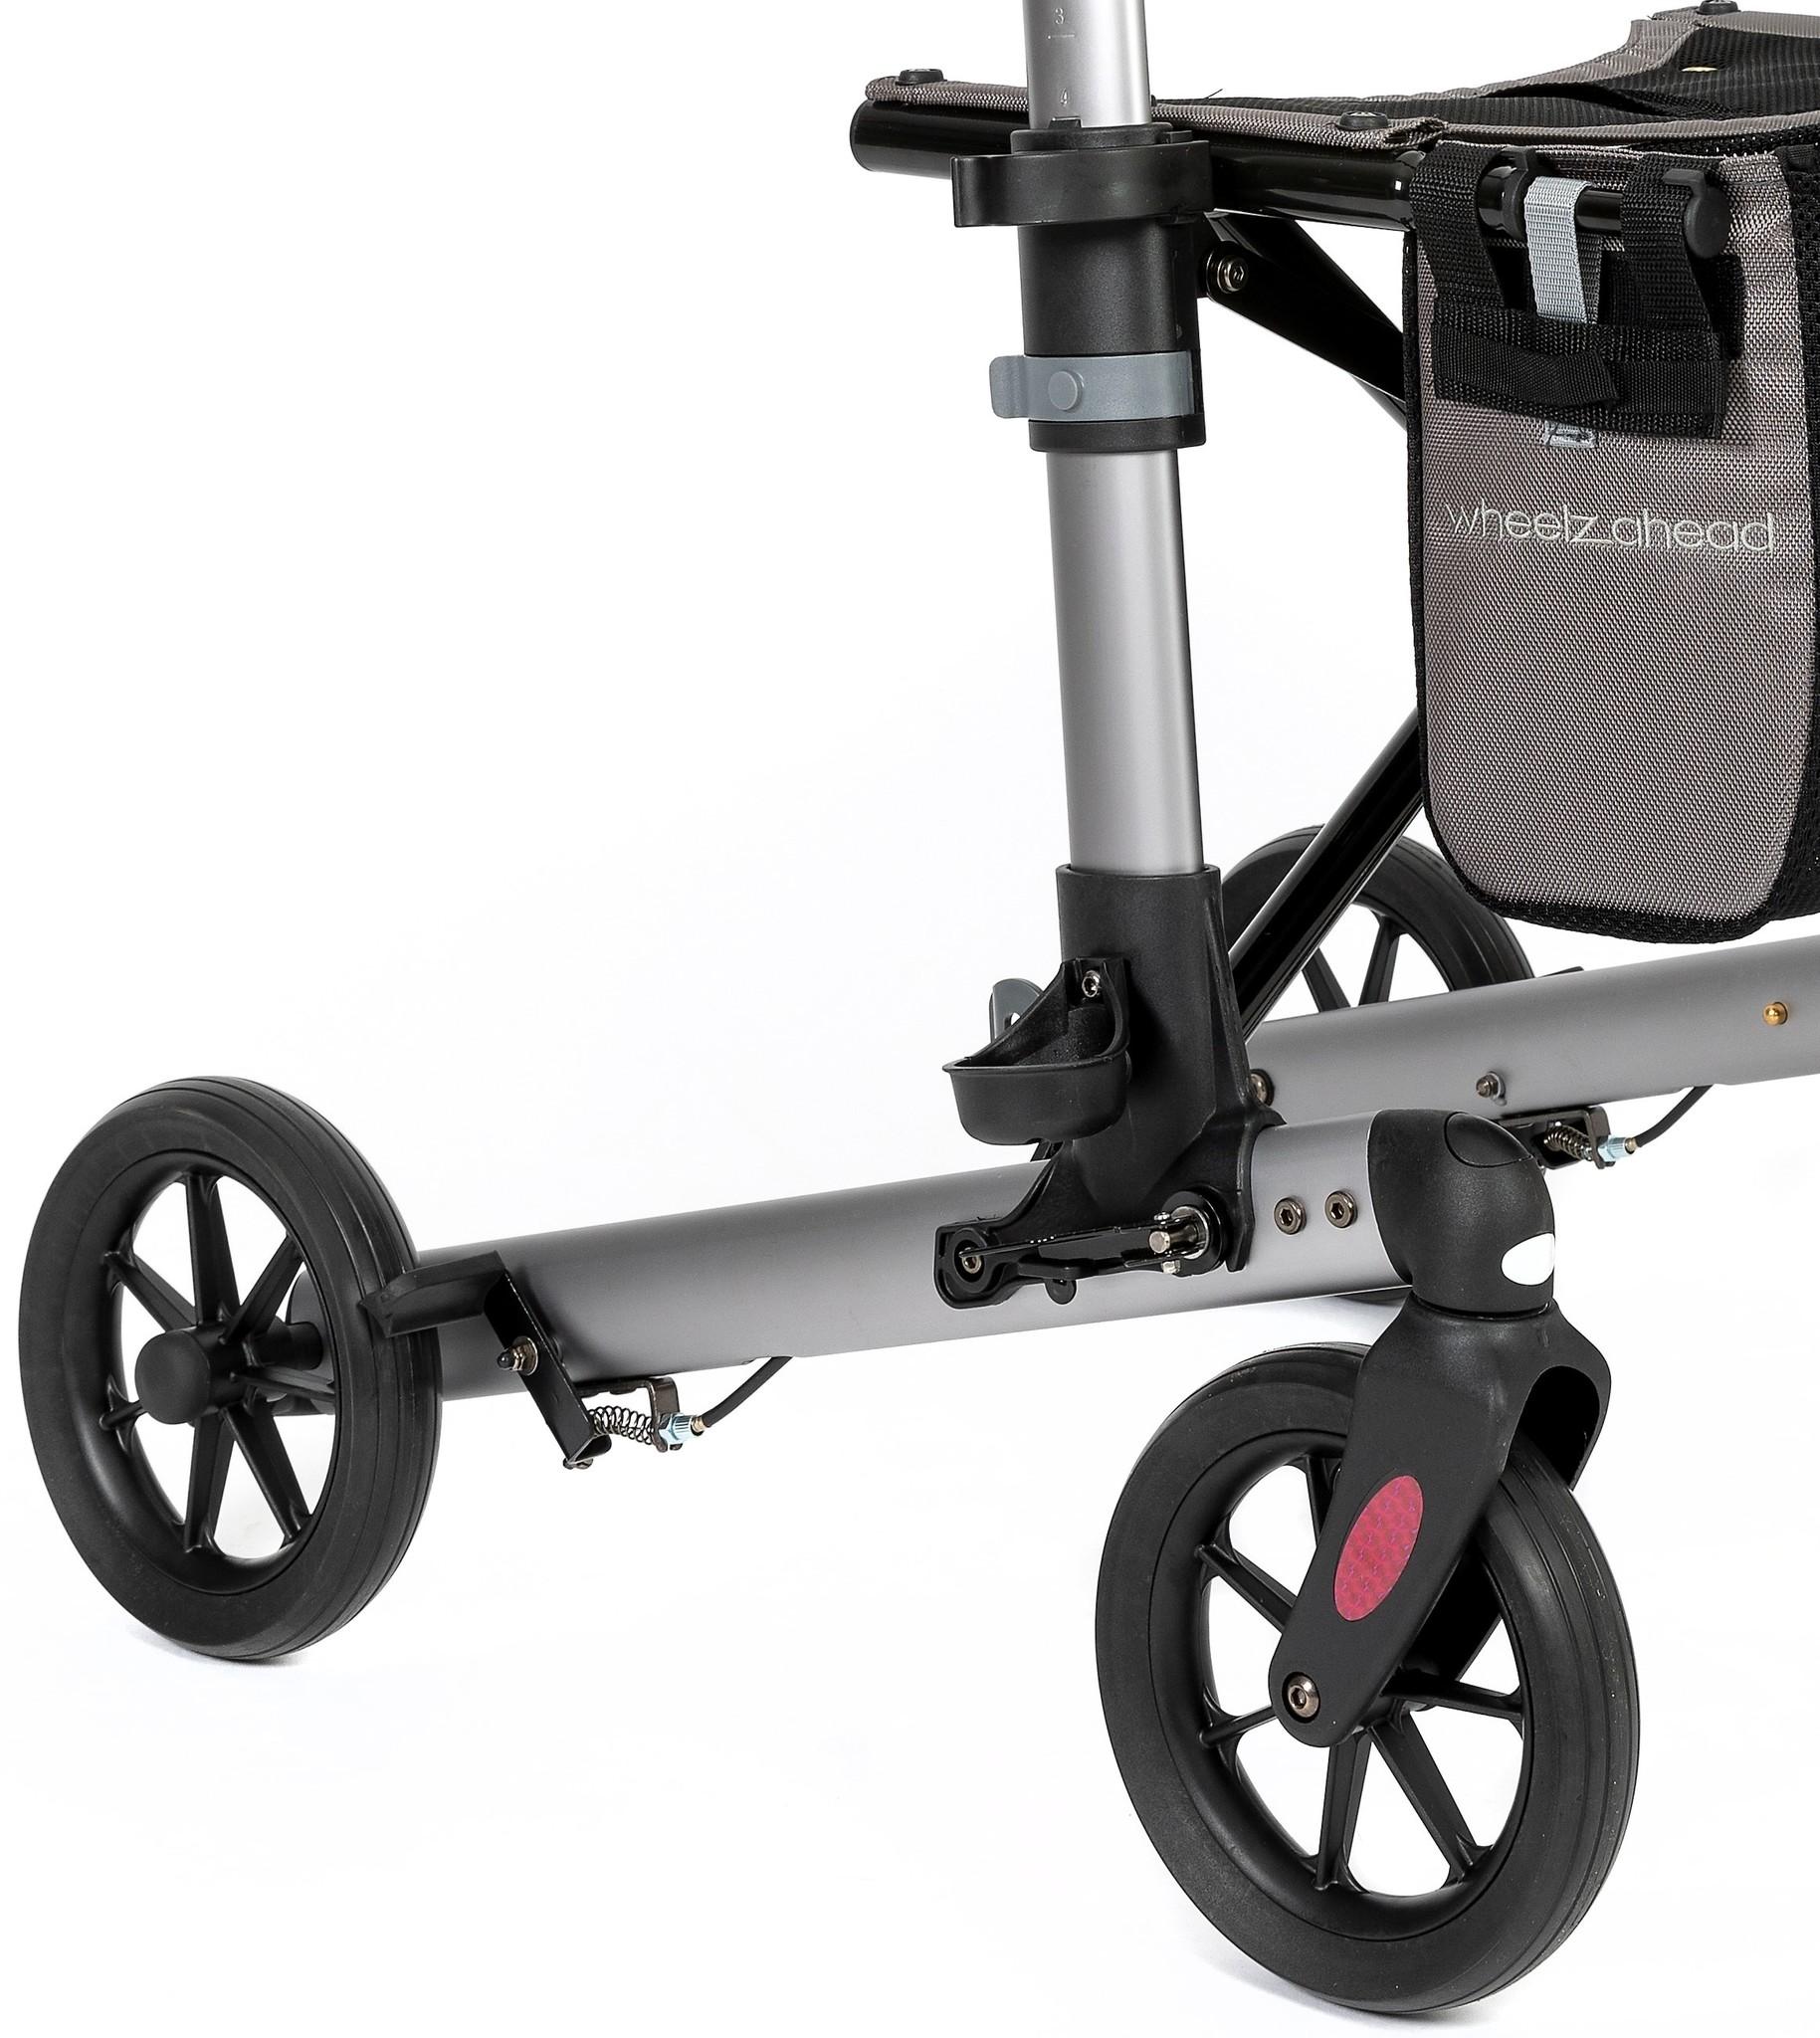 Wheelzahead Stokhouder Set TRACK